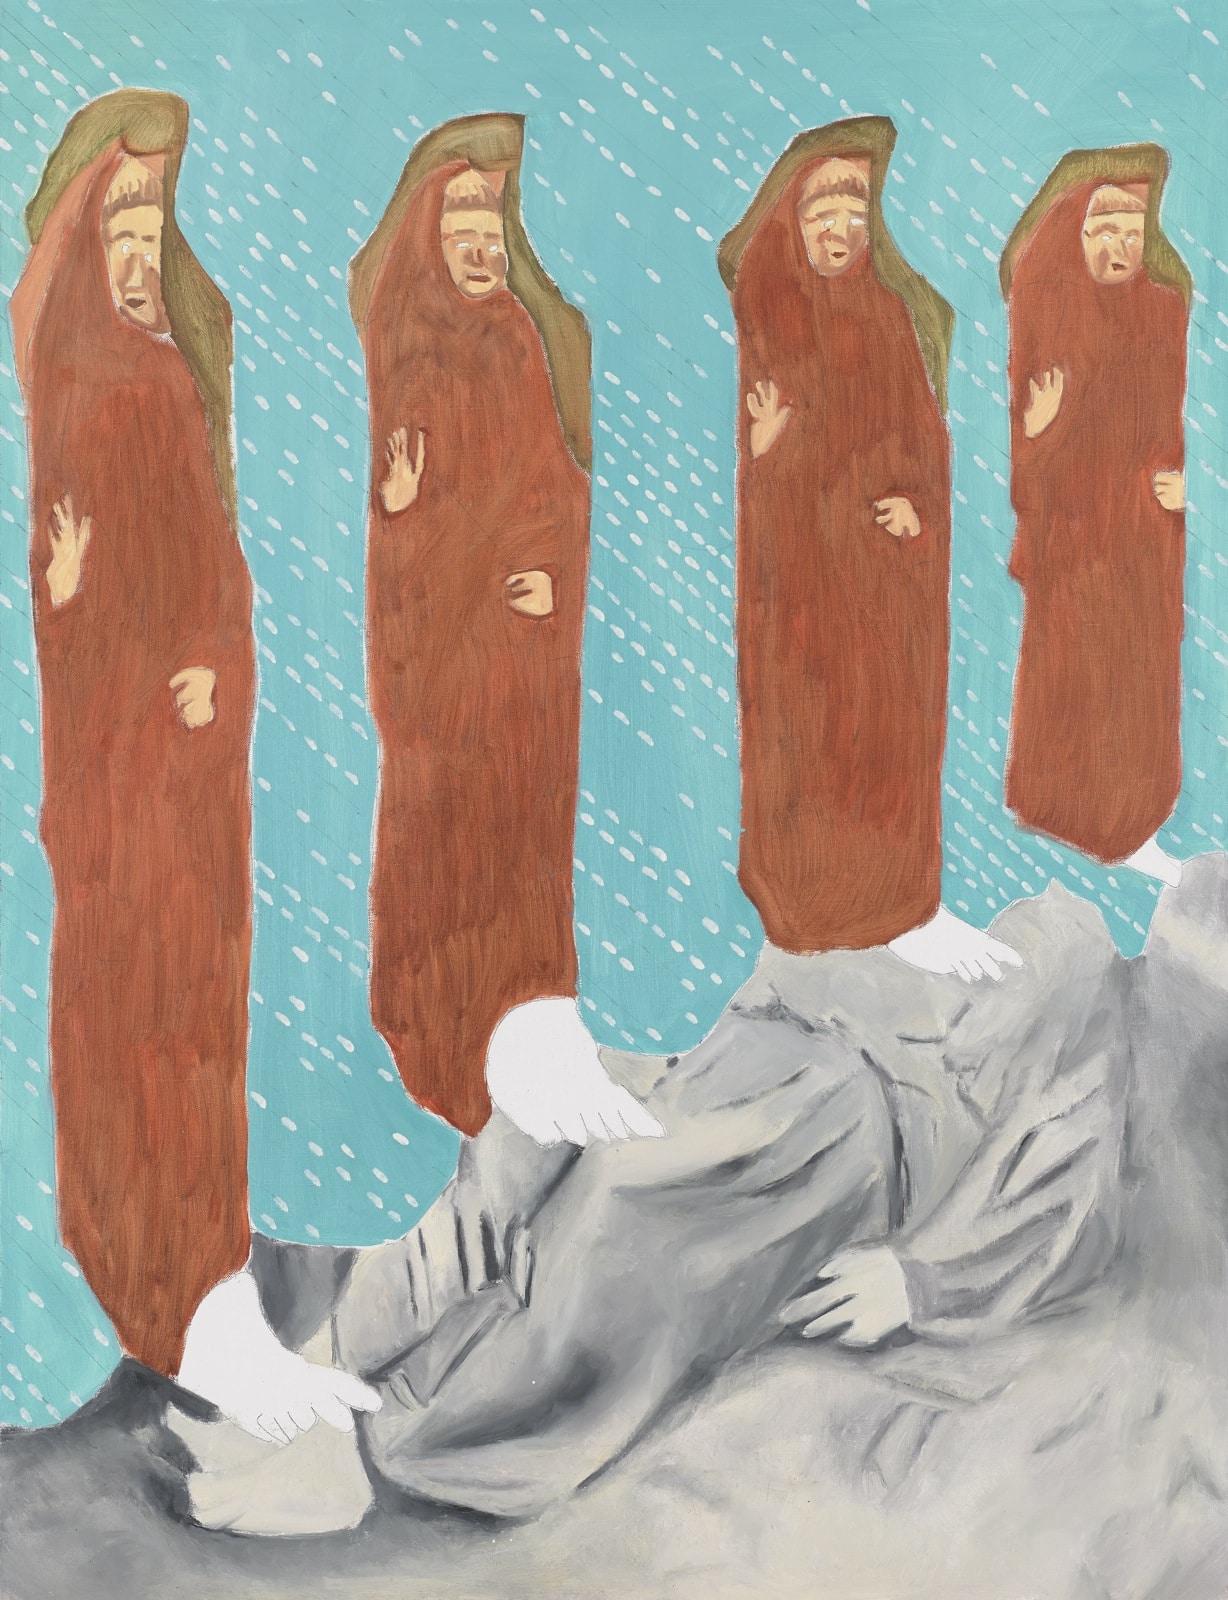 Tableau Religieux de David Kennedy - Artiste Peintre Paris : Extirpation du pêché d'orgueil